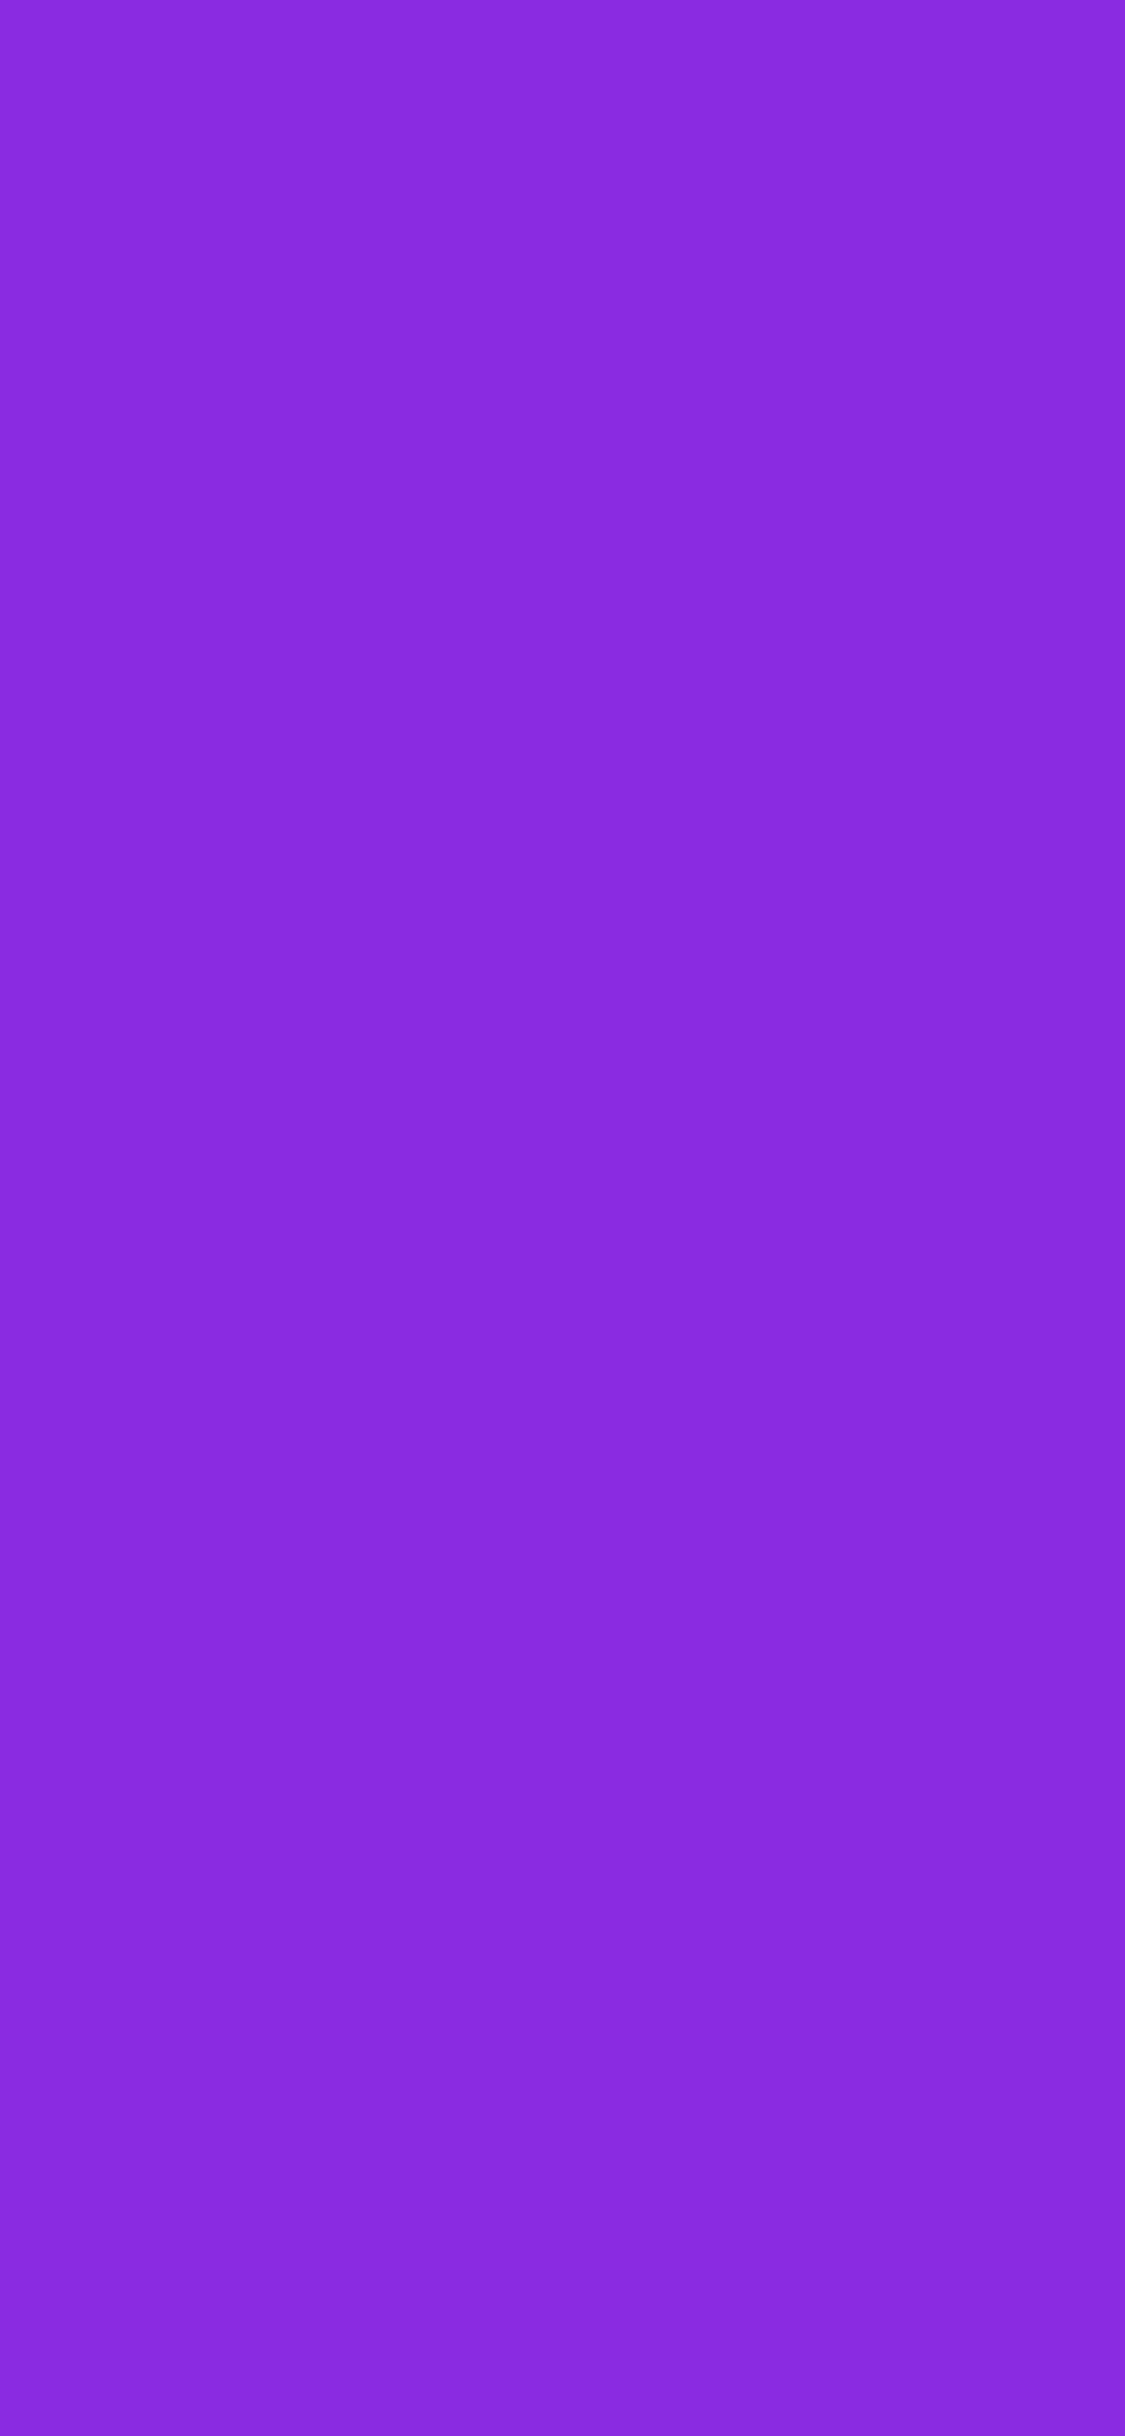 1125x2436 Blue-violet Solid Color Background